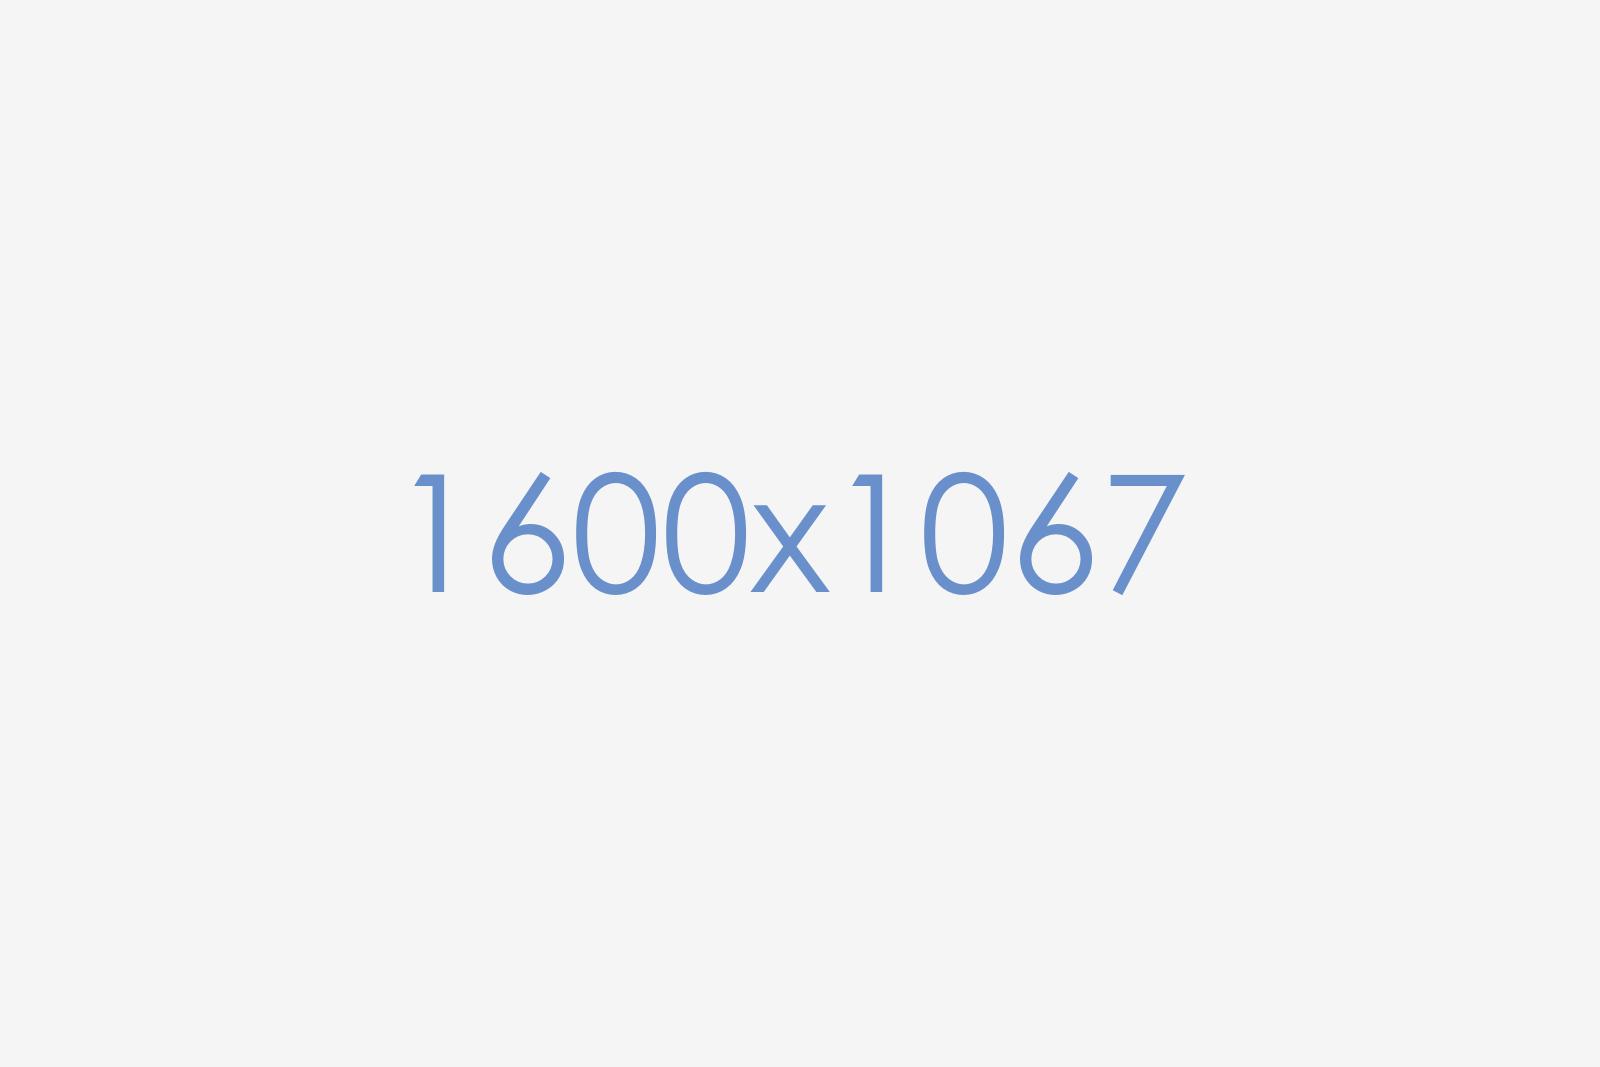 10811805136_eb21acf6f2_h